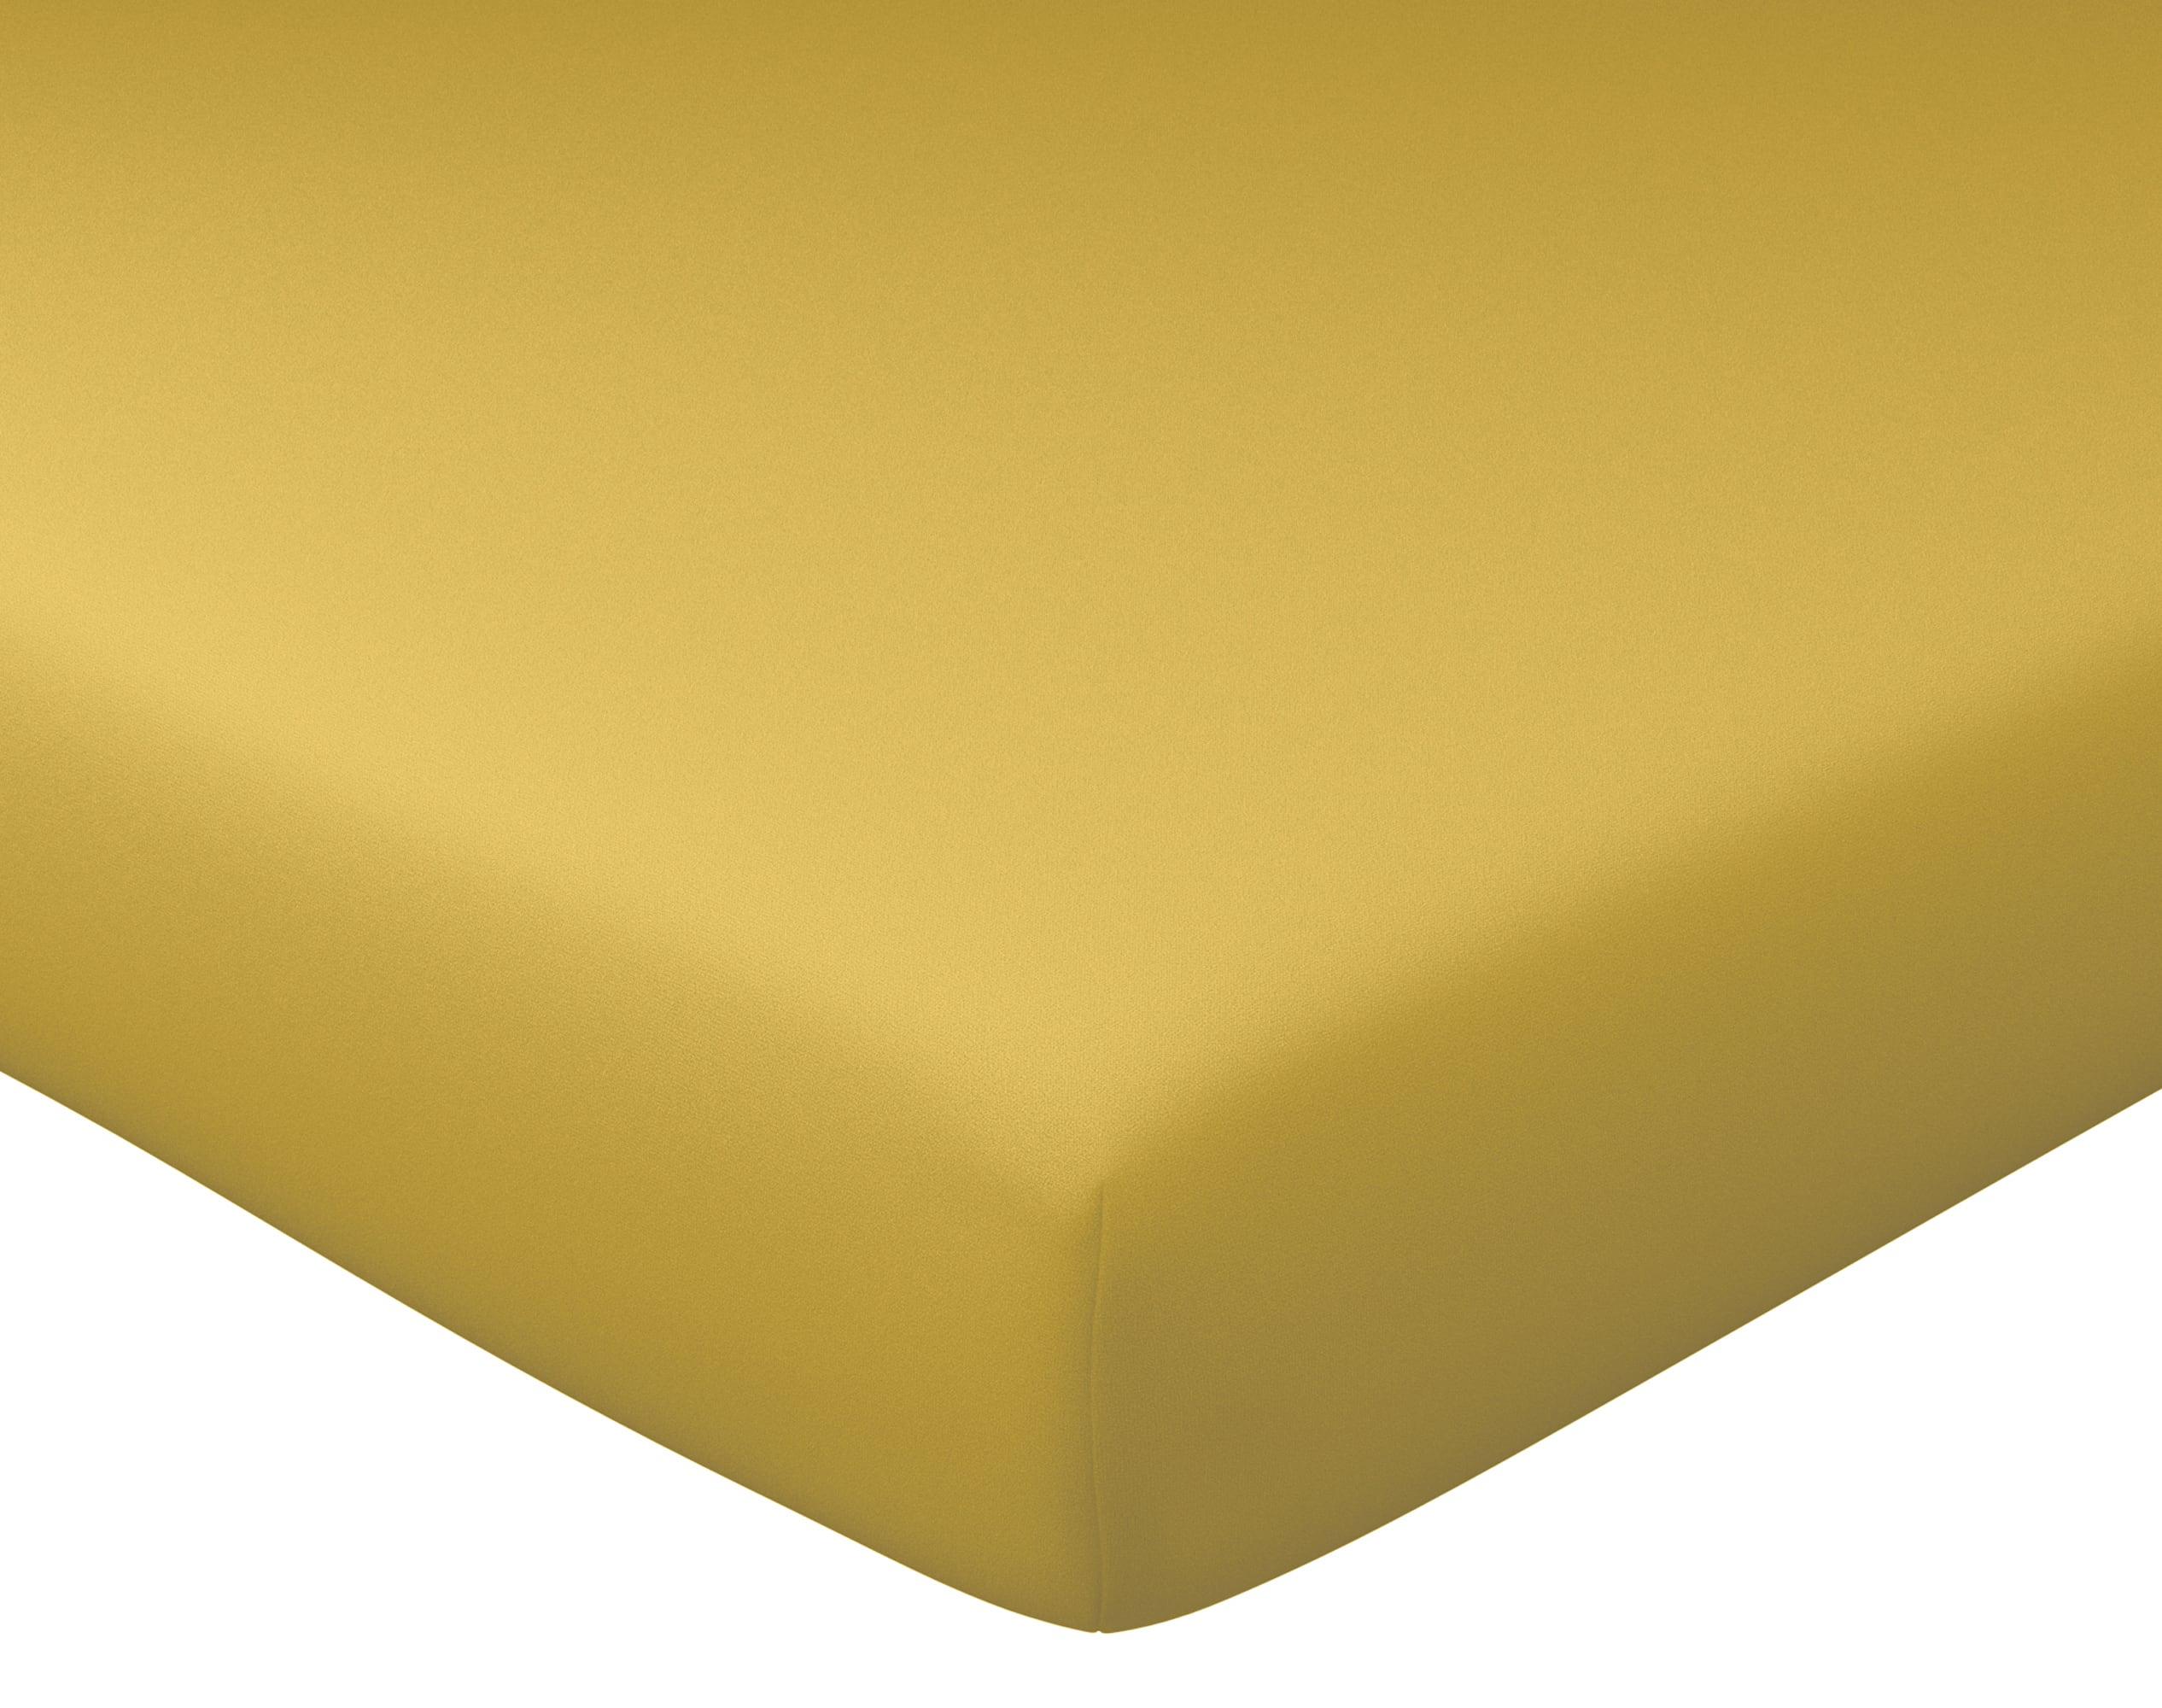 Drap-housse 140x190 en percale de coton  jaune ocre